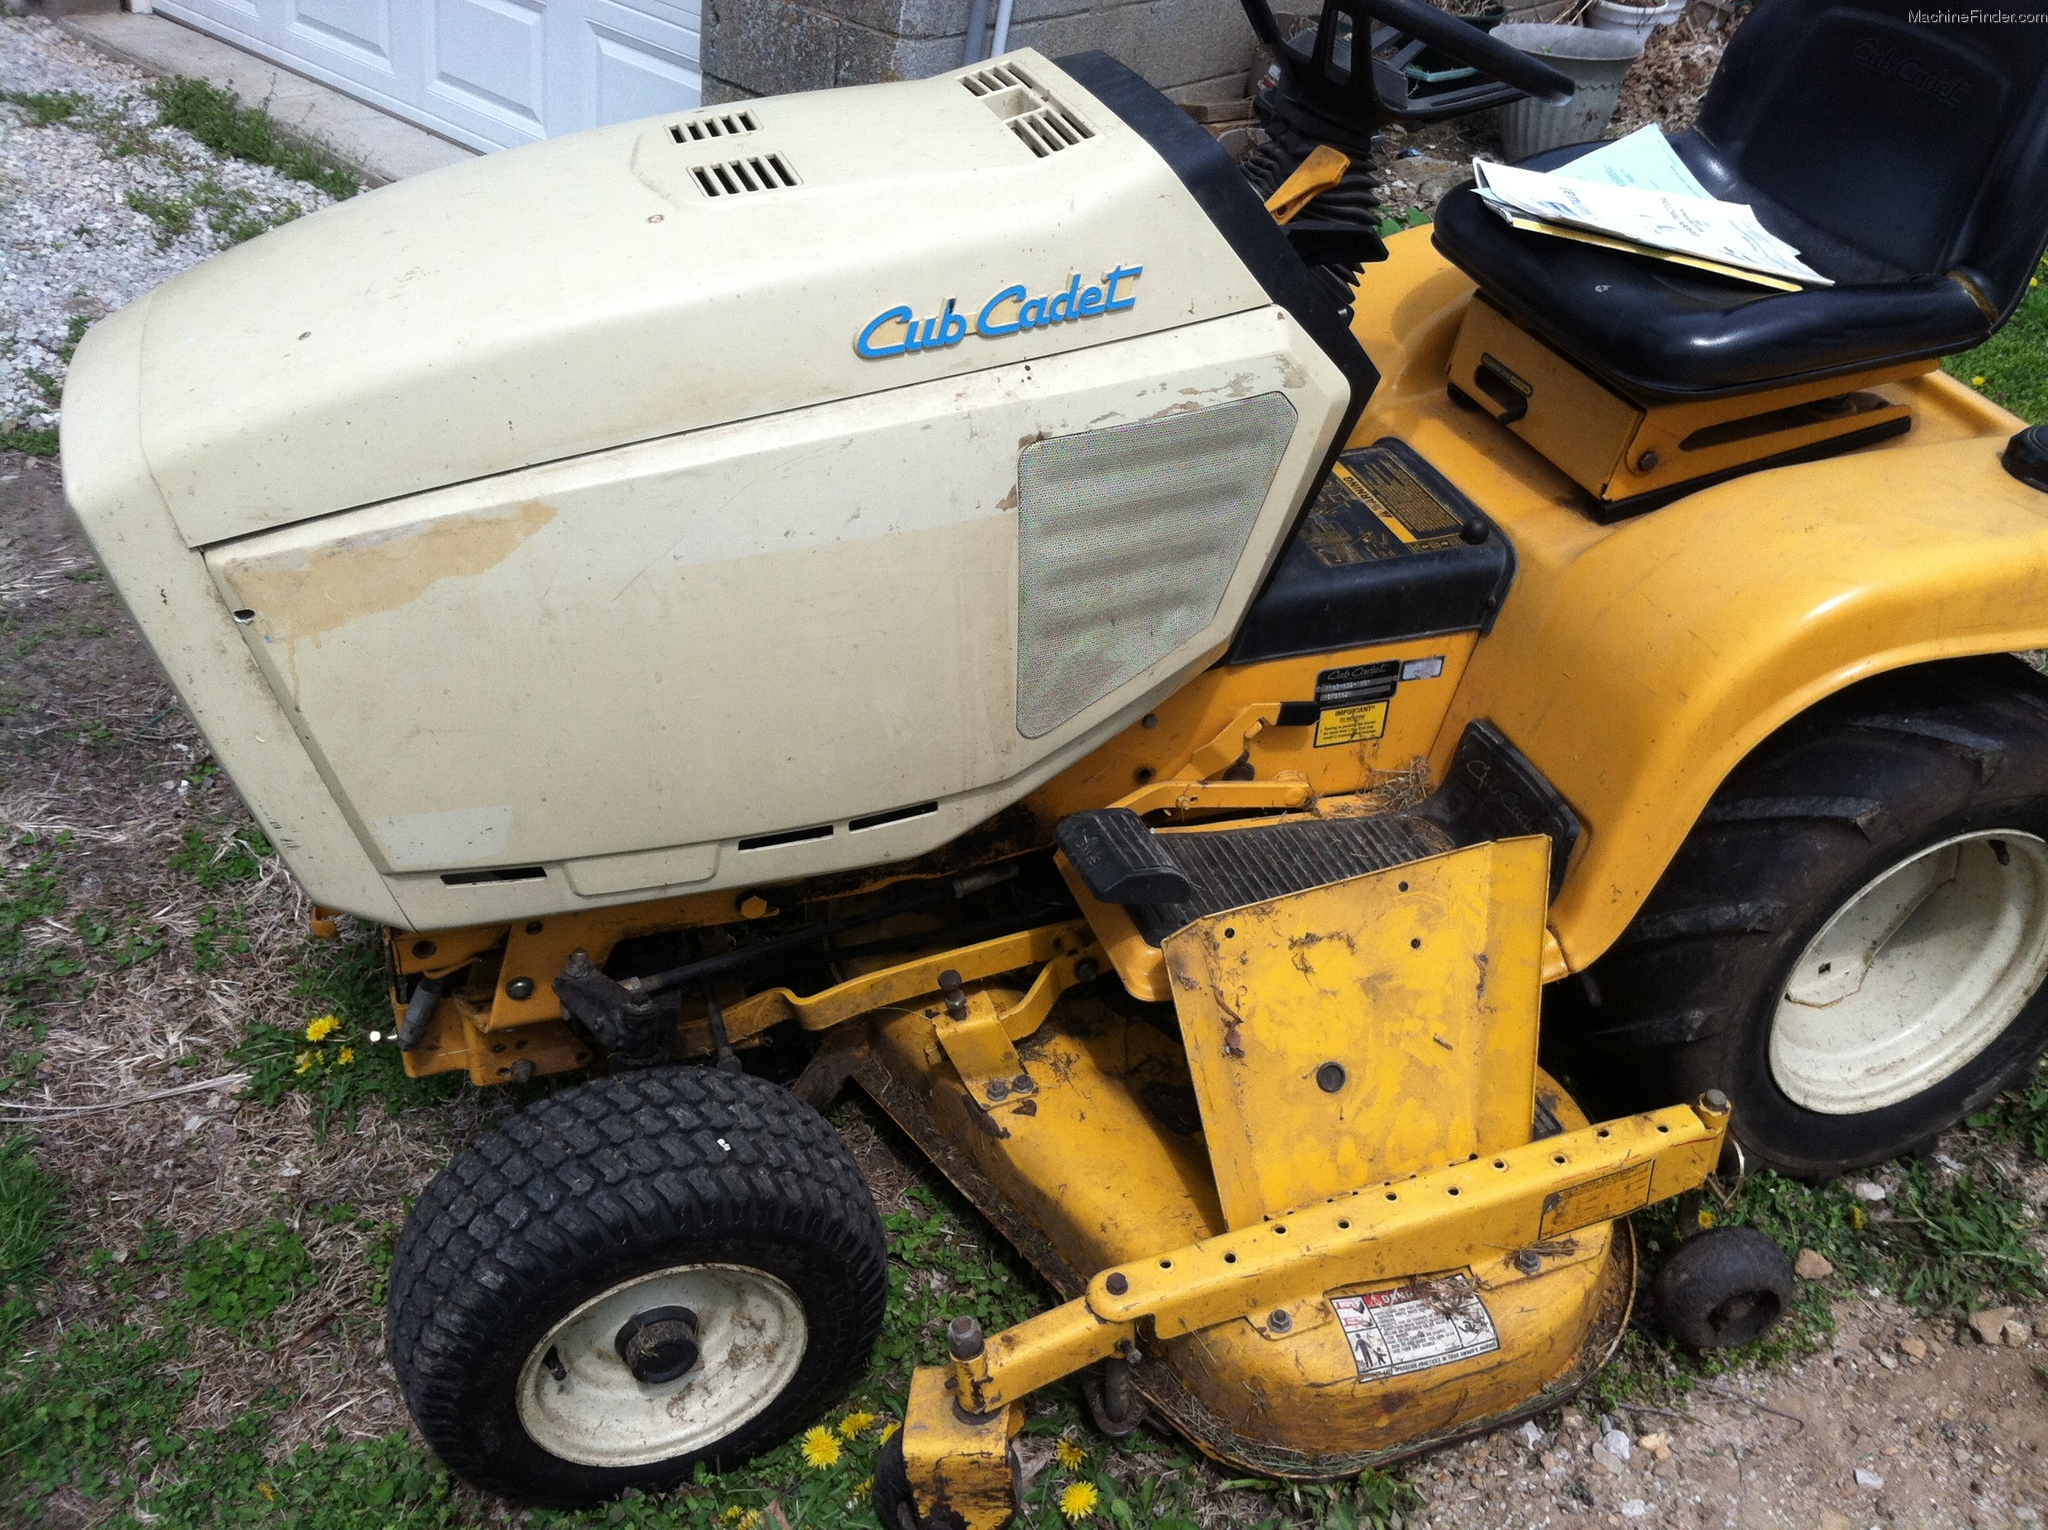 Cub Cadet 169 Lawn Tractor Tractors 1450 Schematic 1995 1641 Garden And Commercial Mowing John Deere